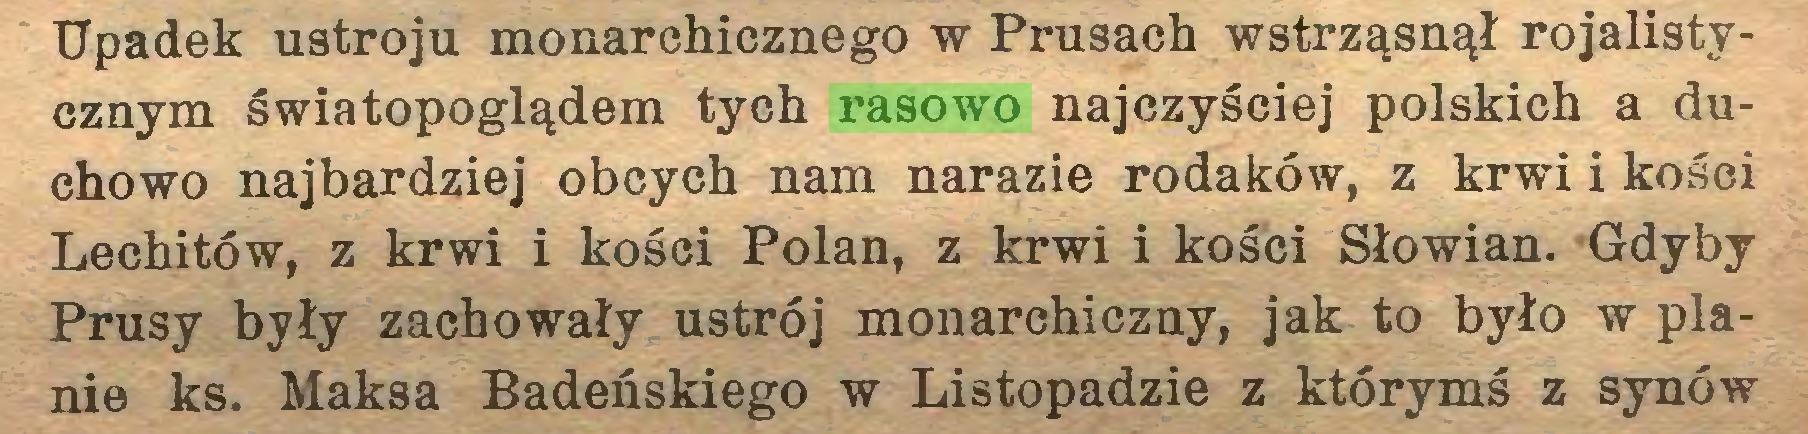 (...) Upadek ustroju monarchicznego w Prusach wstrząsnął rojalistycznym światopoglądem tych rasowo najczyściej polskich a duchowo najbardziej obcych nam narazie rodaków, z krwi i kości Lechitów, z krwi i kości Polan, z krwi i kości Słowian. Gdyby Prusy były zachowały ustrój monarchiczny, jak to było w planie ks. Maksa Badeńskiego w Listopadzie z którymś z synów...